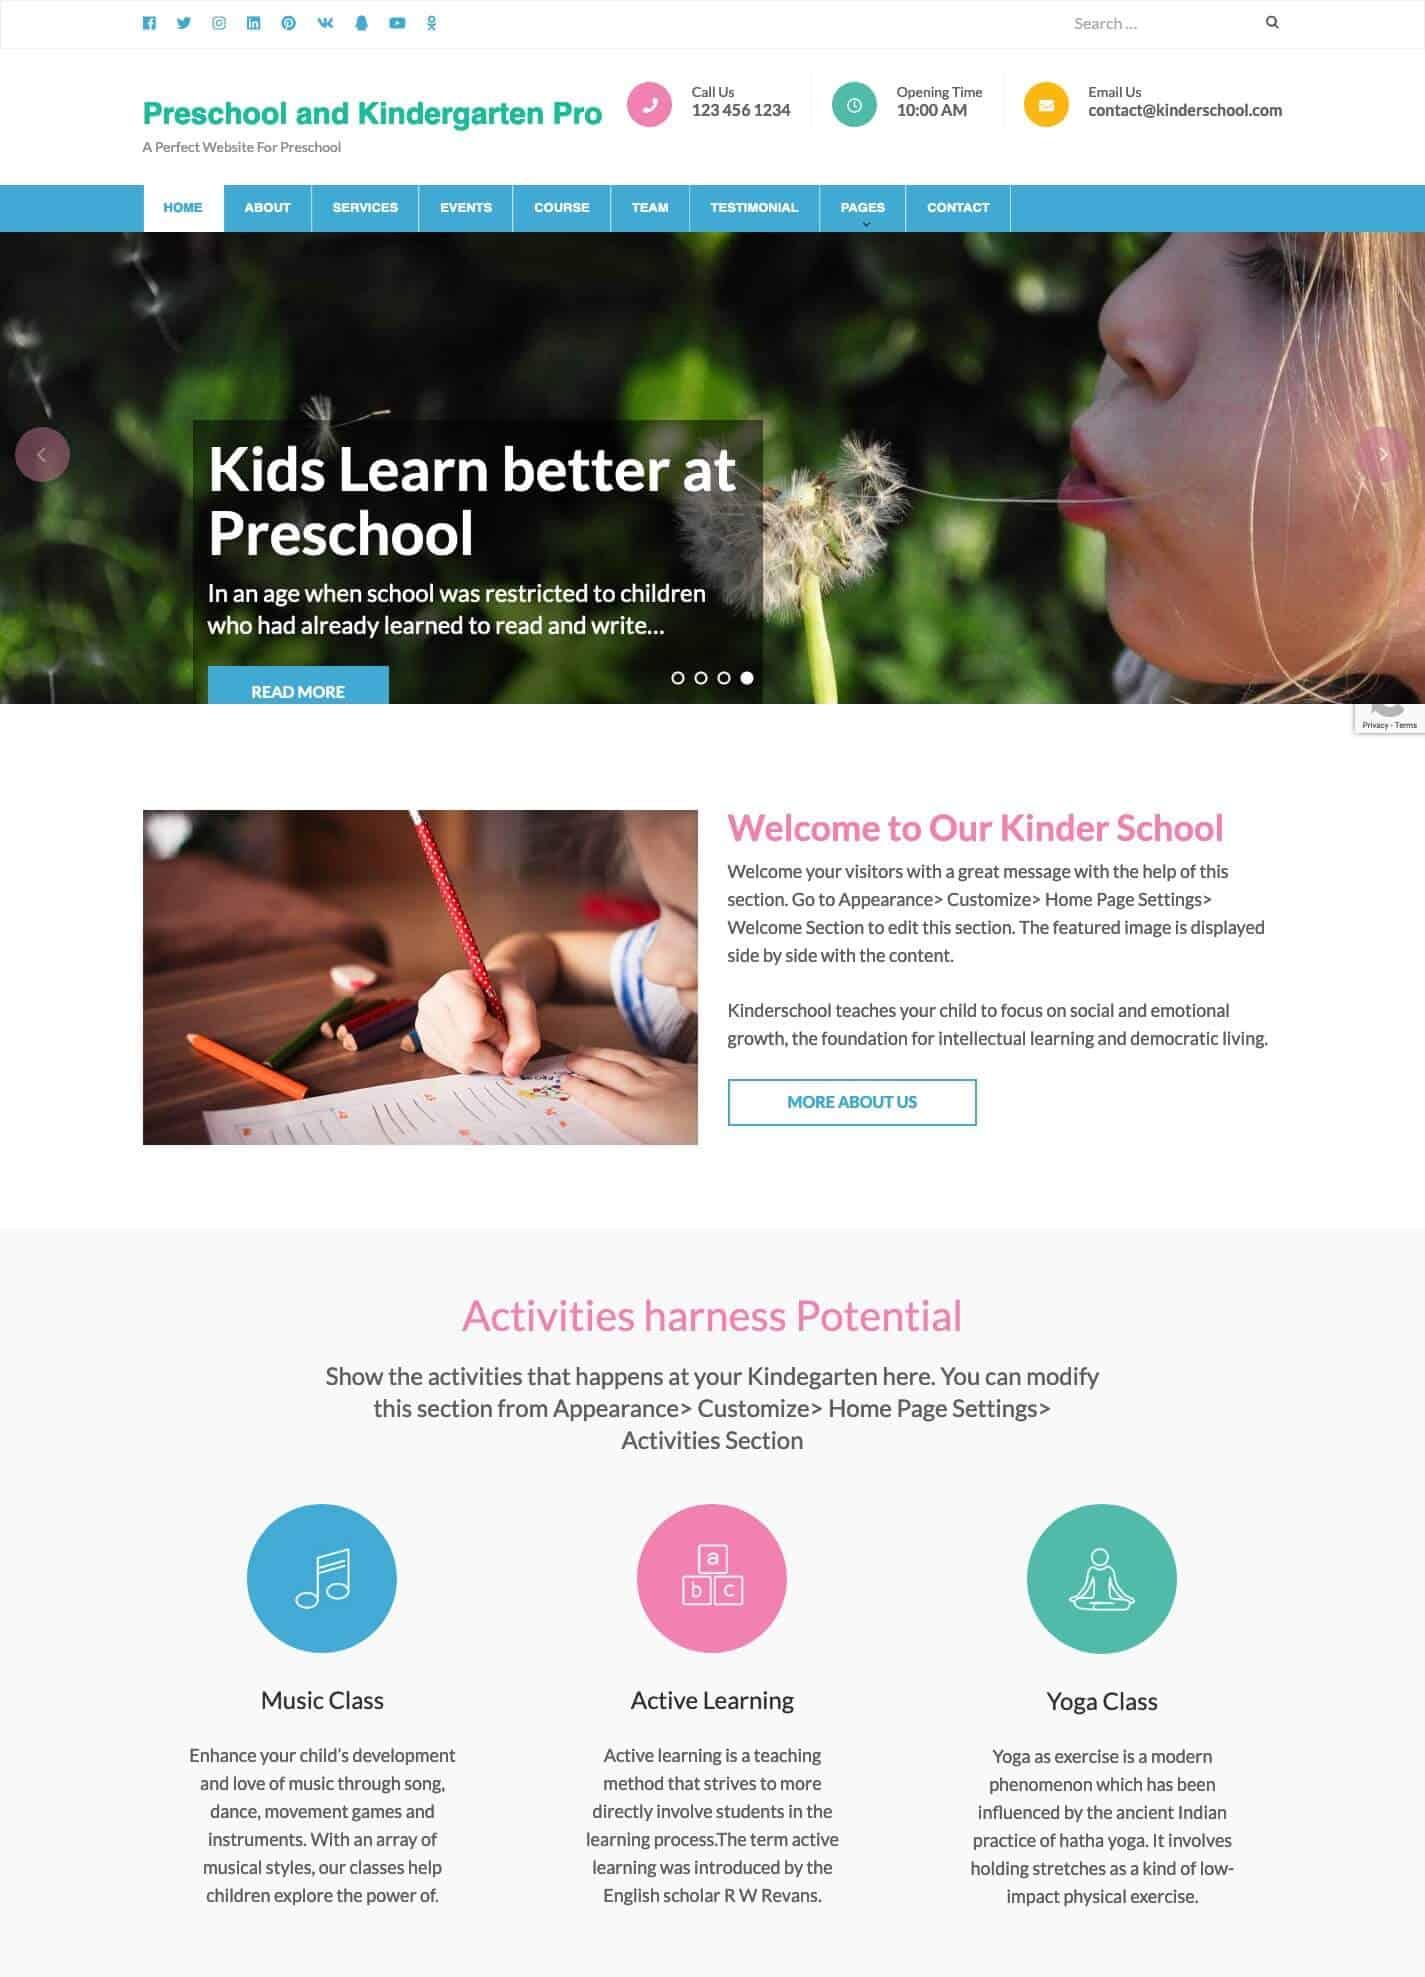 Preschool and Kindergarten Pro